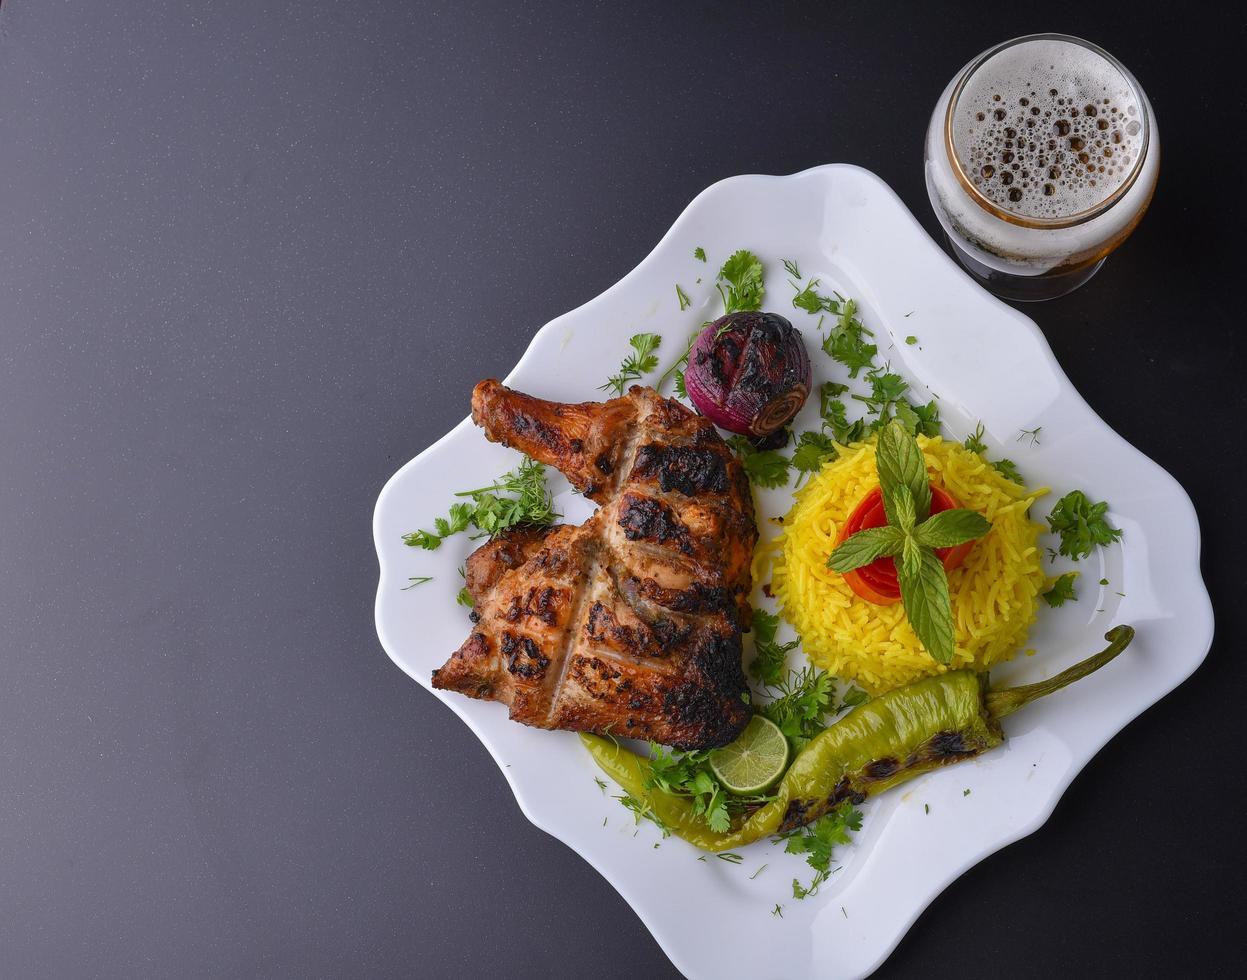 pranzo al petto di pollo alla griglia foto